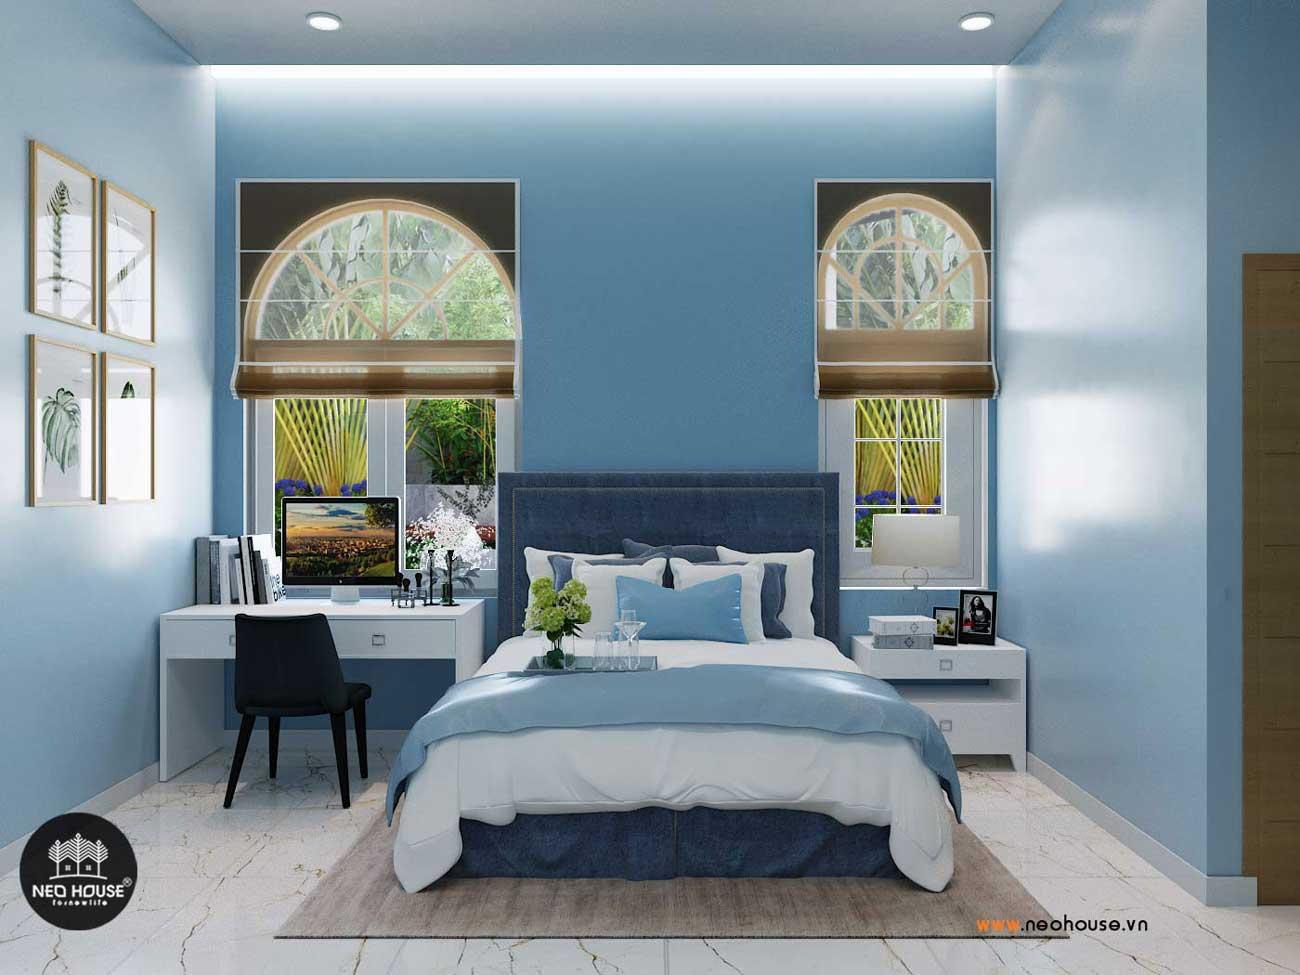 Thiết kế nội thất biệt thự vườn 1 tầng hiện đại. Ảnh 4